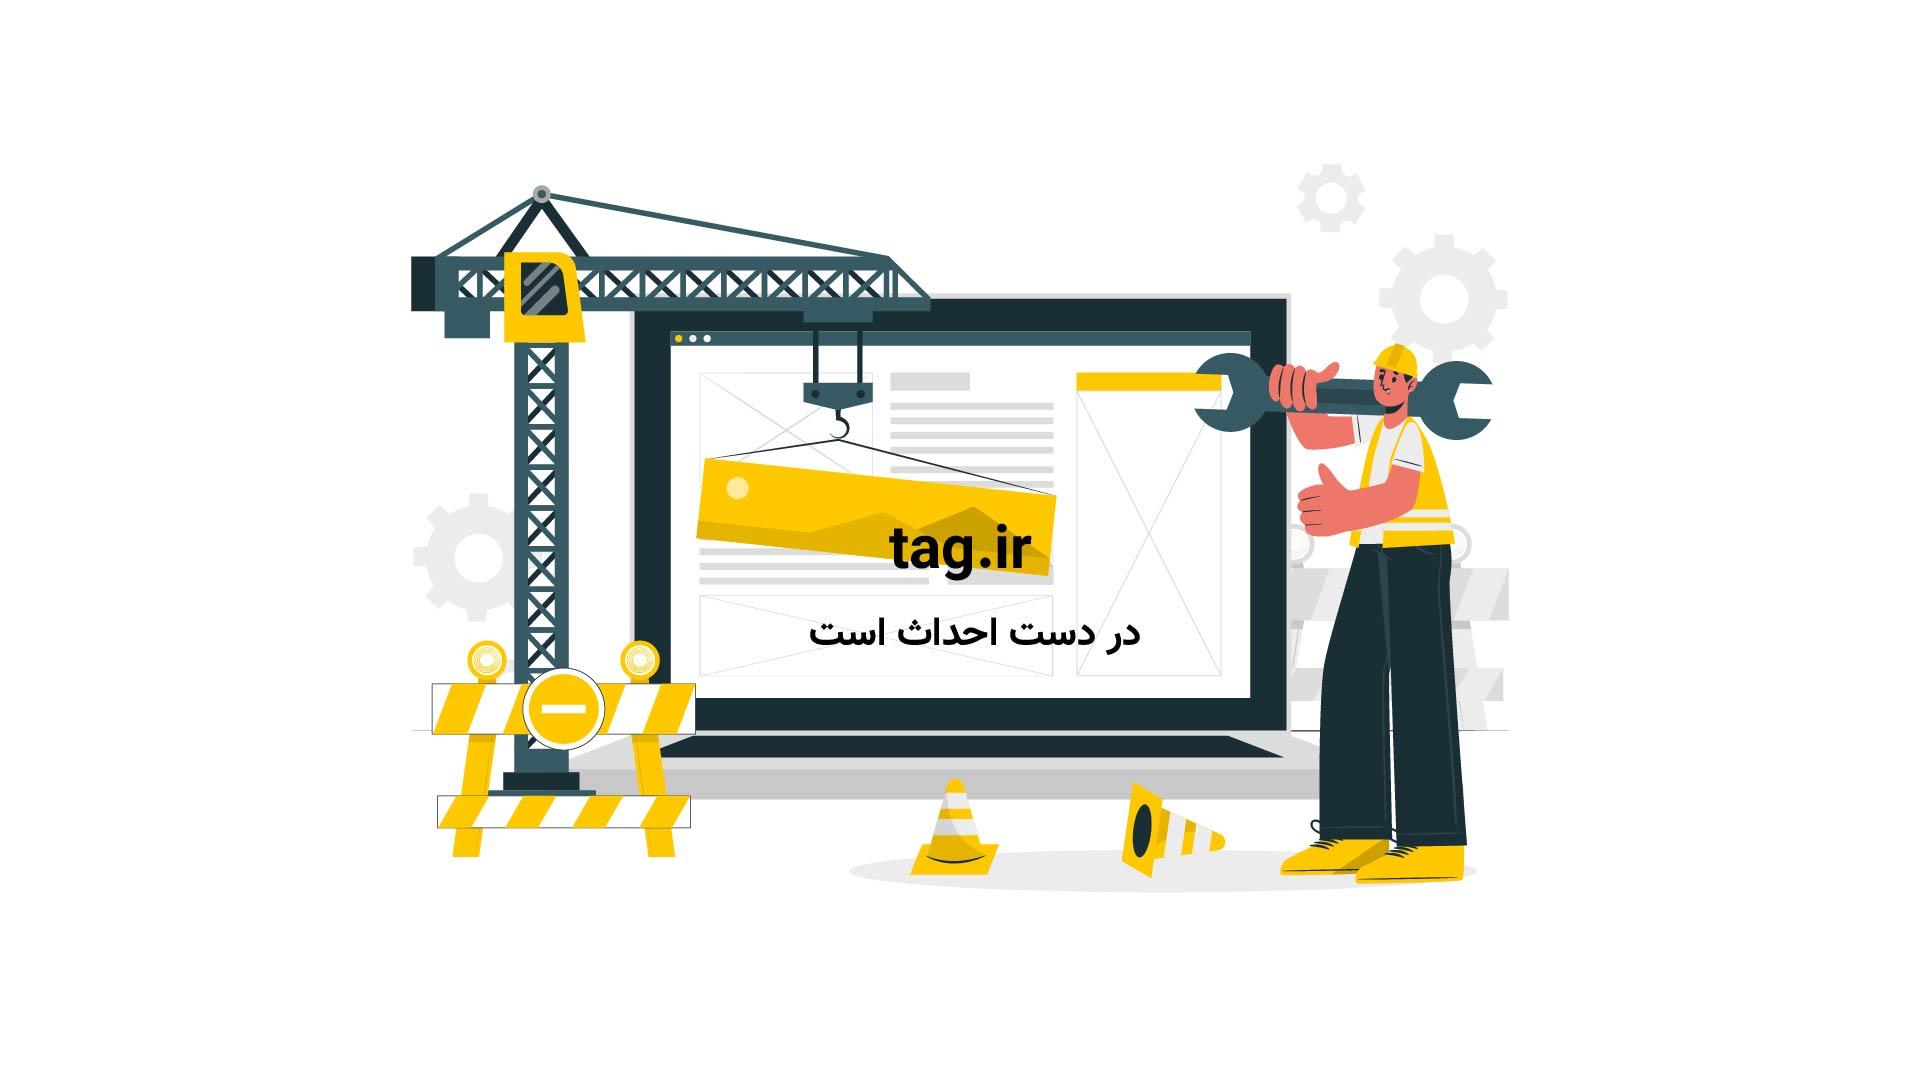 صبر در قرآن | تگ